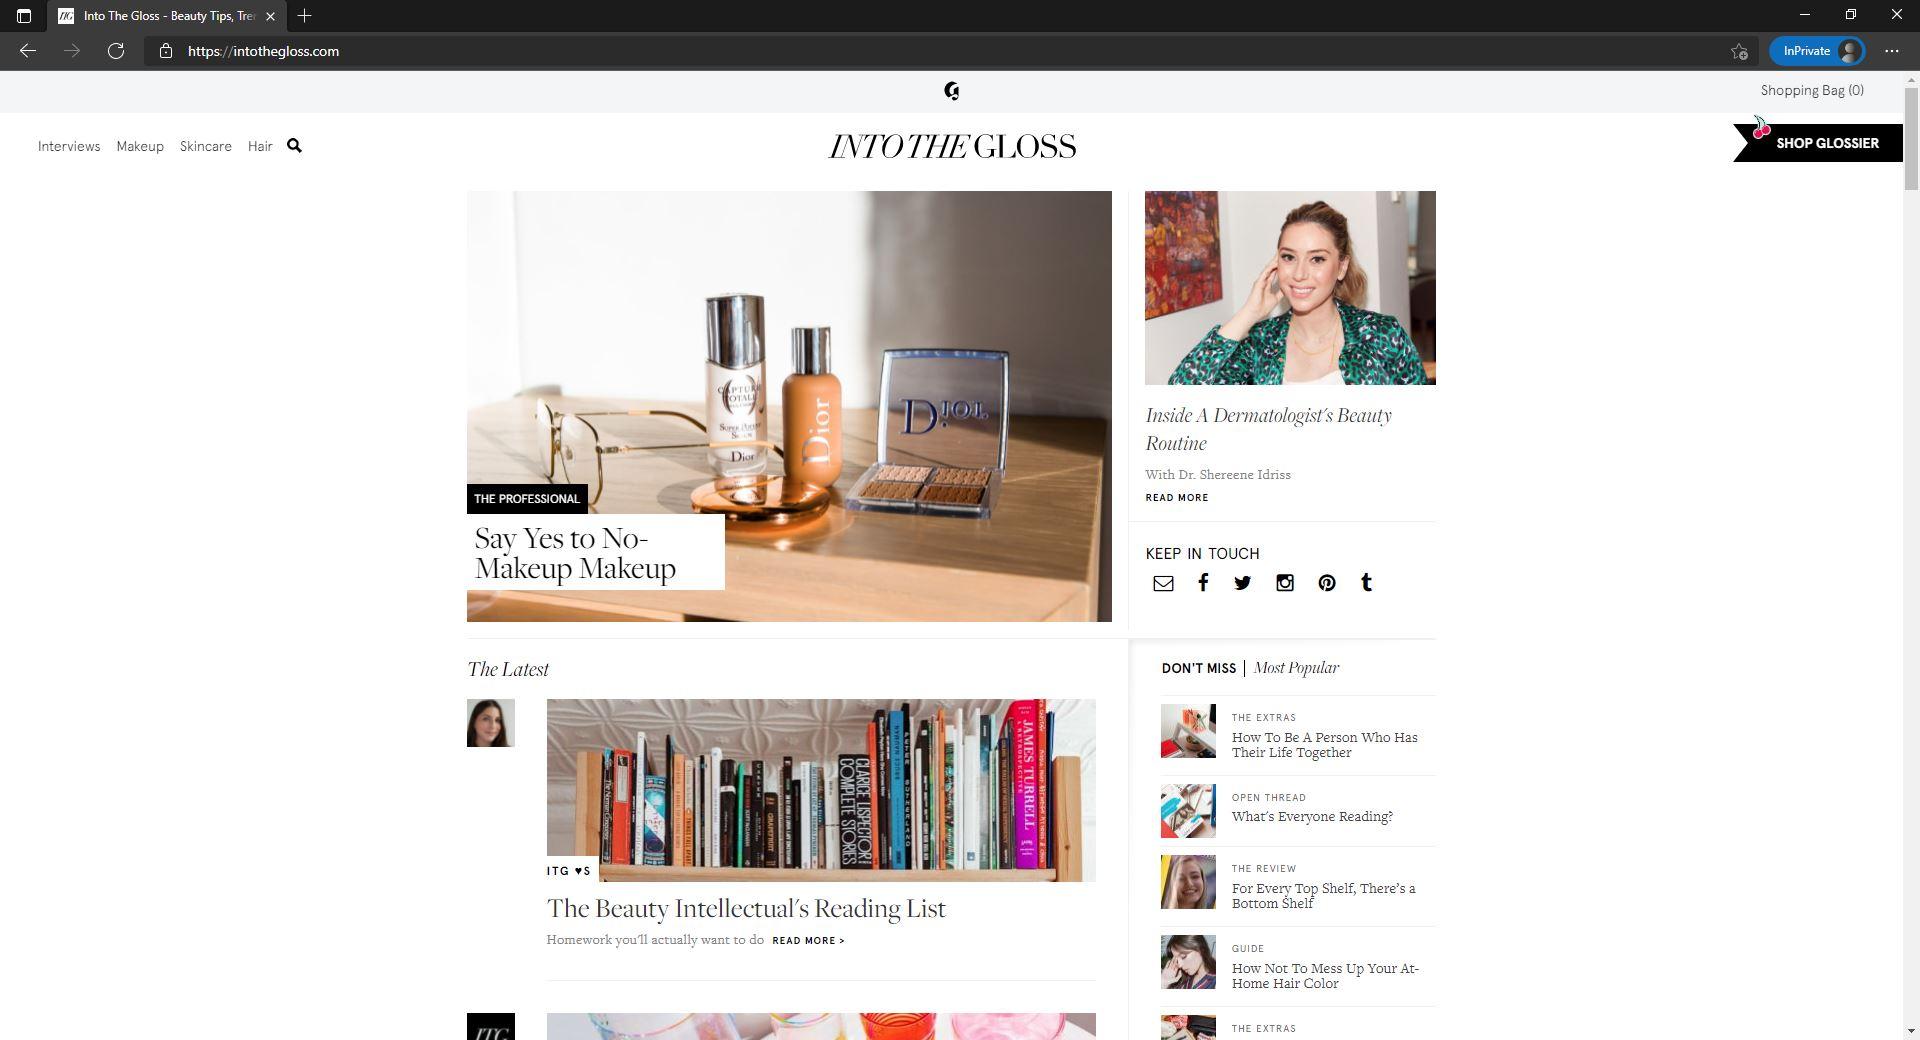 Glossier blog website